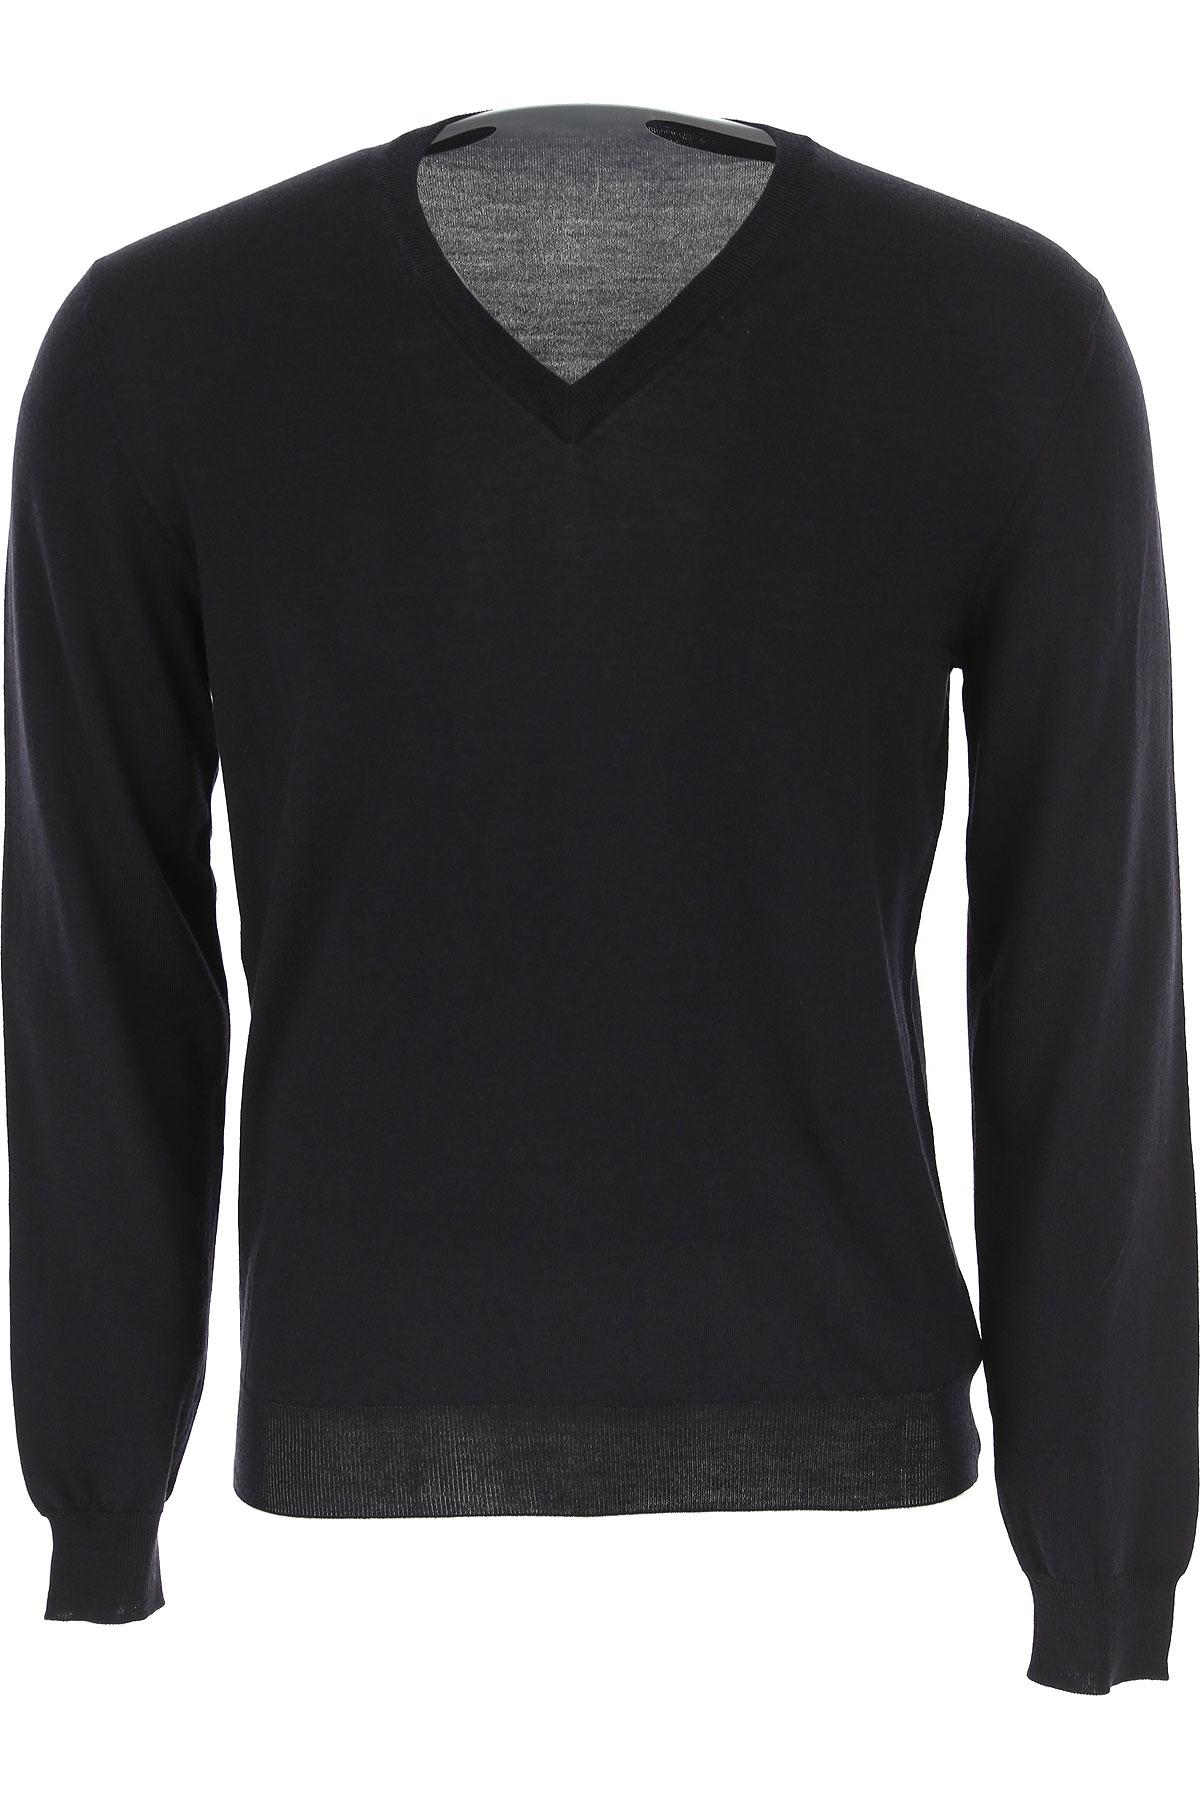 Zanone Sweater for Men Jumper On Sale, Black, Wool, 2019, M S